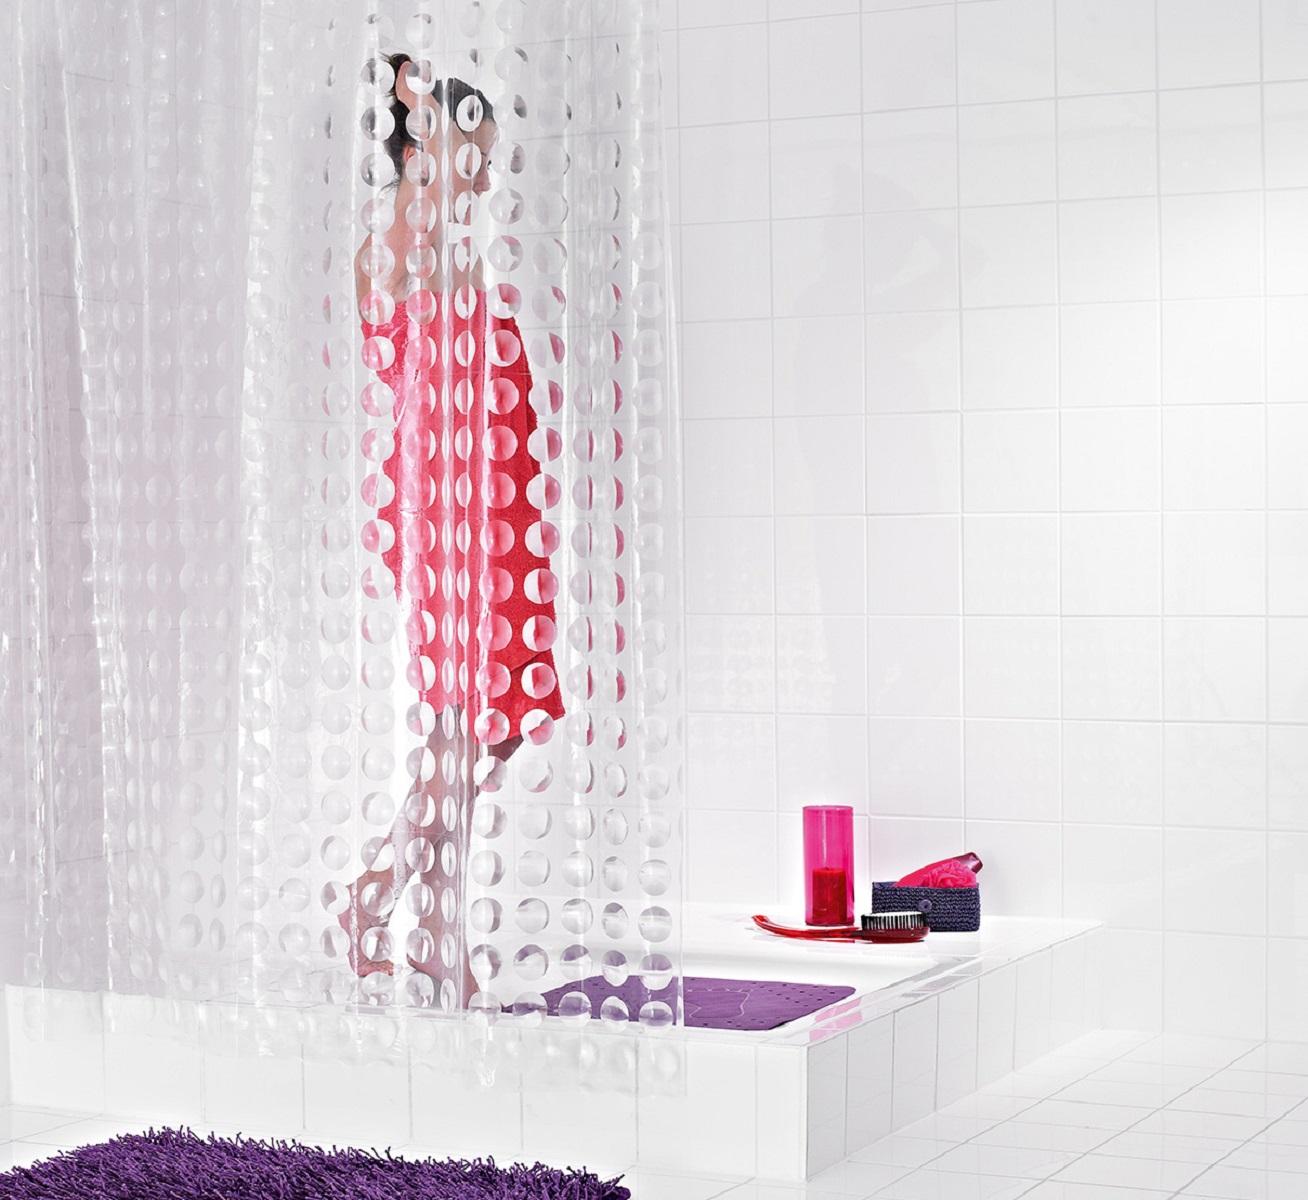 Штора для ванной комнаты Ridder Loupe, 180 х 200 см391602Оригинальная шторка Ridder Loupe создаст прекрасное настроение в ванной комнате. Она выполнена из высококачественного материала и не имеет запаха.